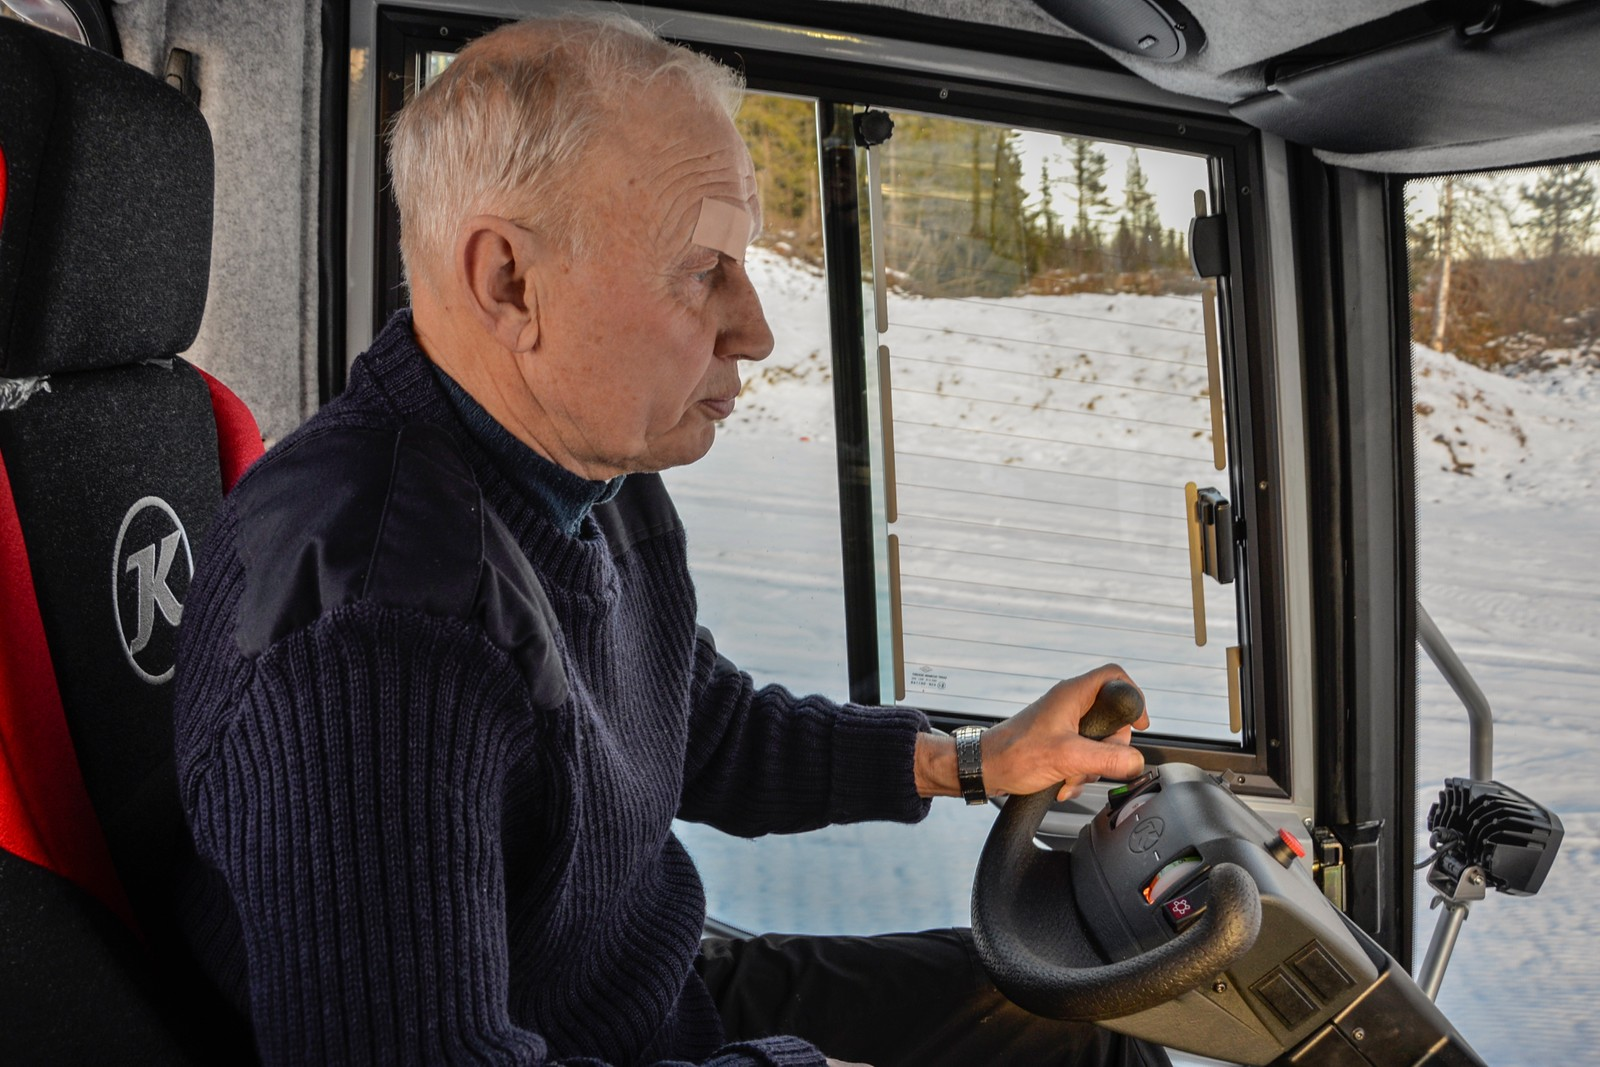 Sigmund Hamar er en av de trofaste dugnadshjelperne. Selv om barna ikke lenger er aktive løpere, fortsetter han å legge ned innsats for skiklubben.